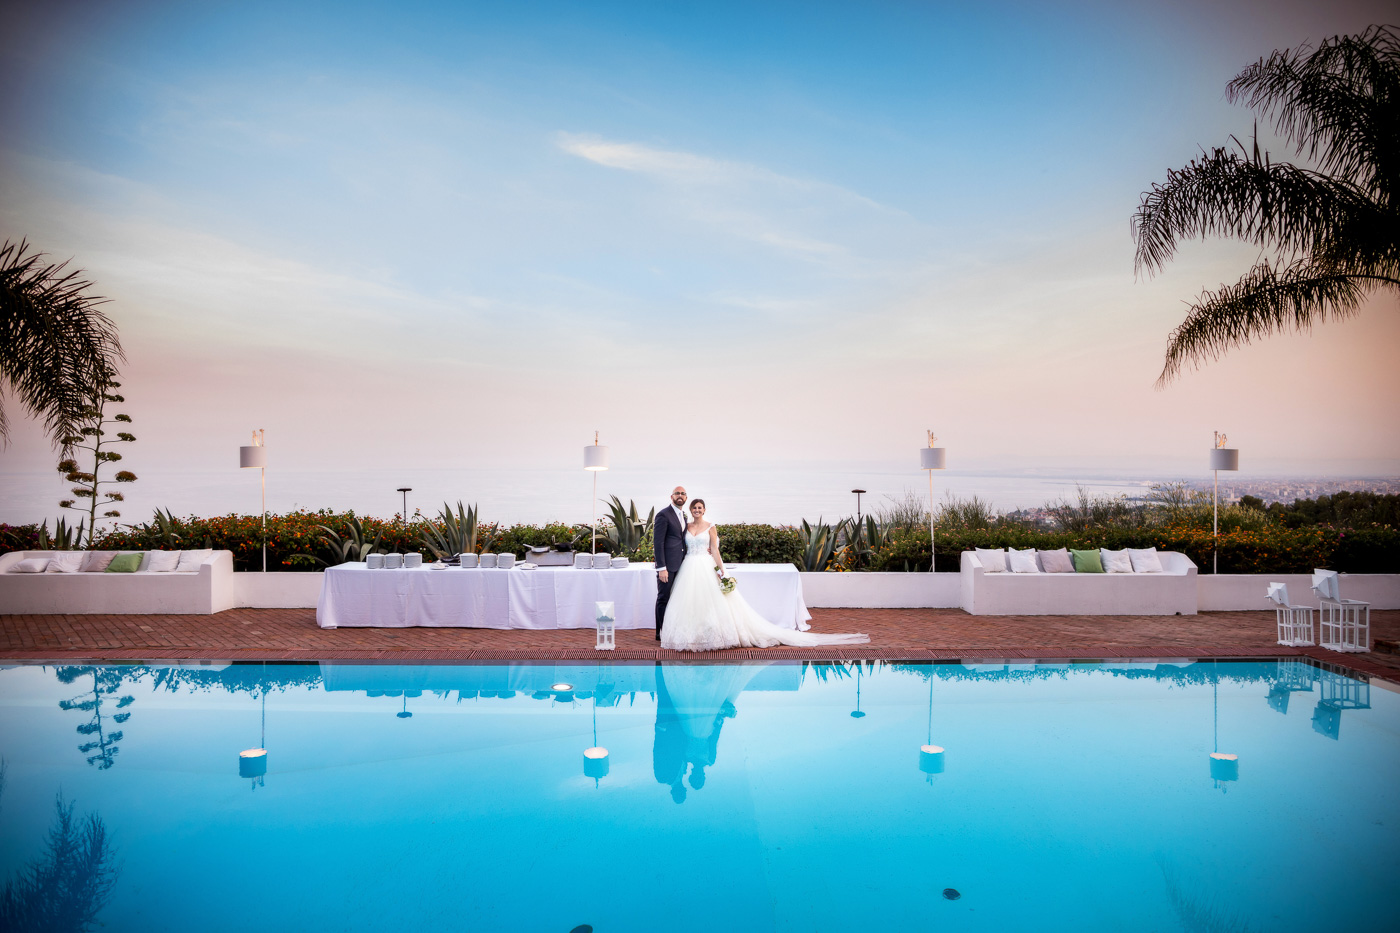 Casa delle terre Forti Matrimonio _acicastello_fotografo-chiesa-san giuliano-catania-tramonto-romantico-foto-sposi-piscina